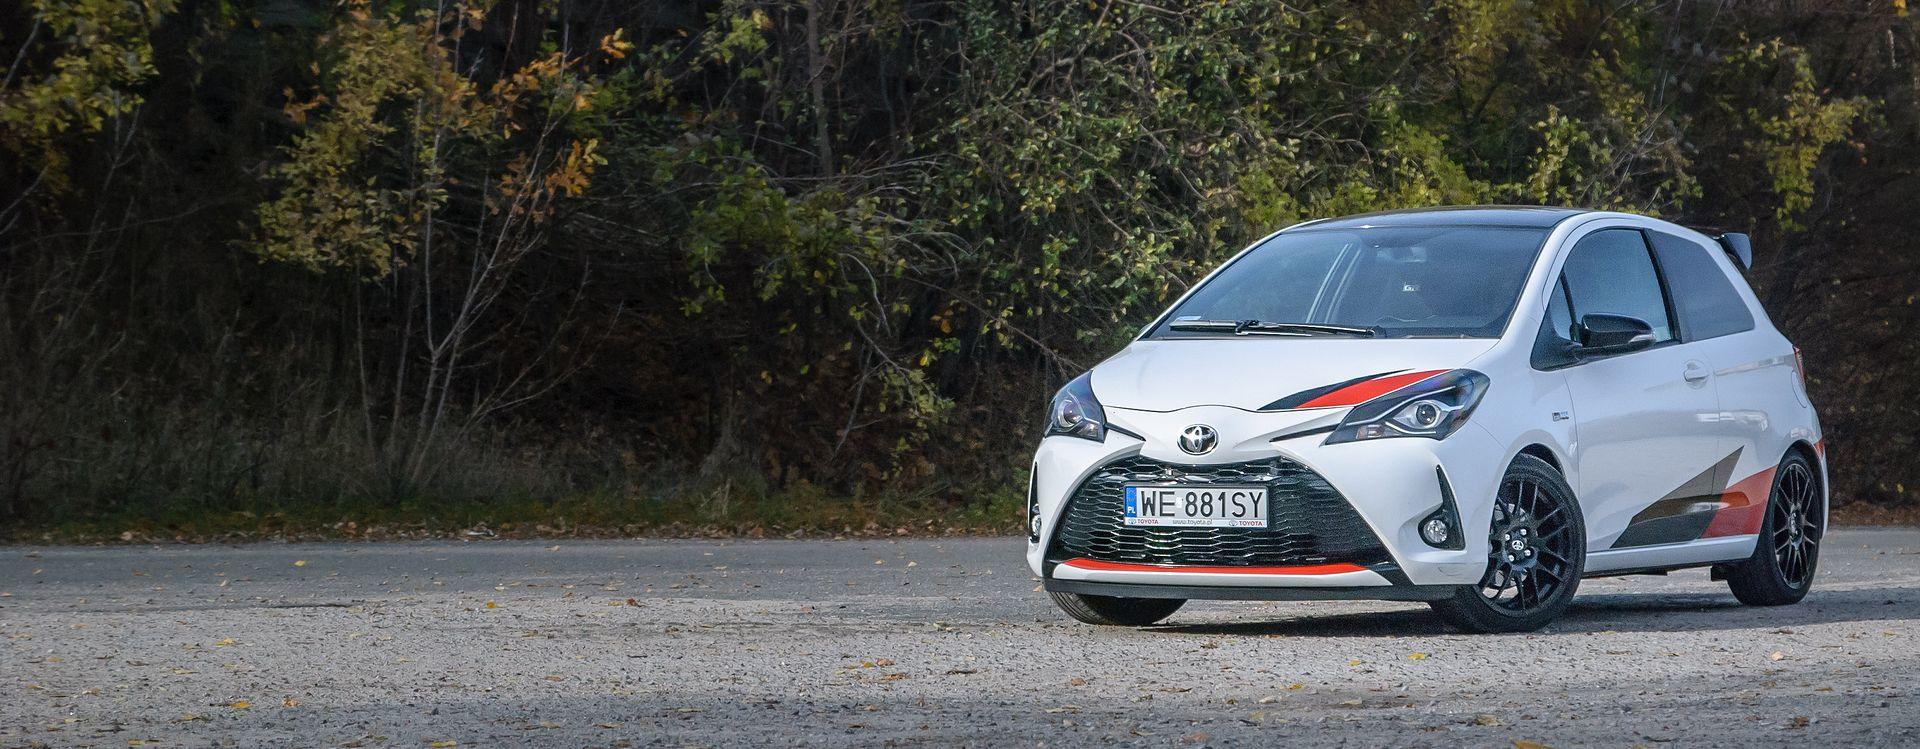 Poliftowa Toyota Yaris najlepiej wygląda z przodu. Tylne światła są po prostu brzydkie